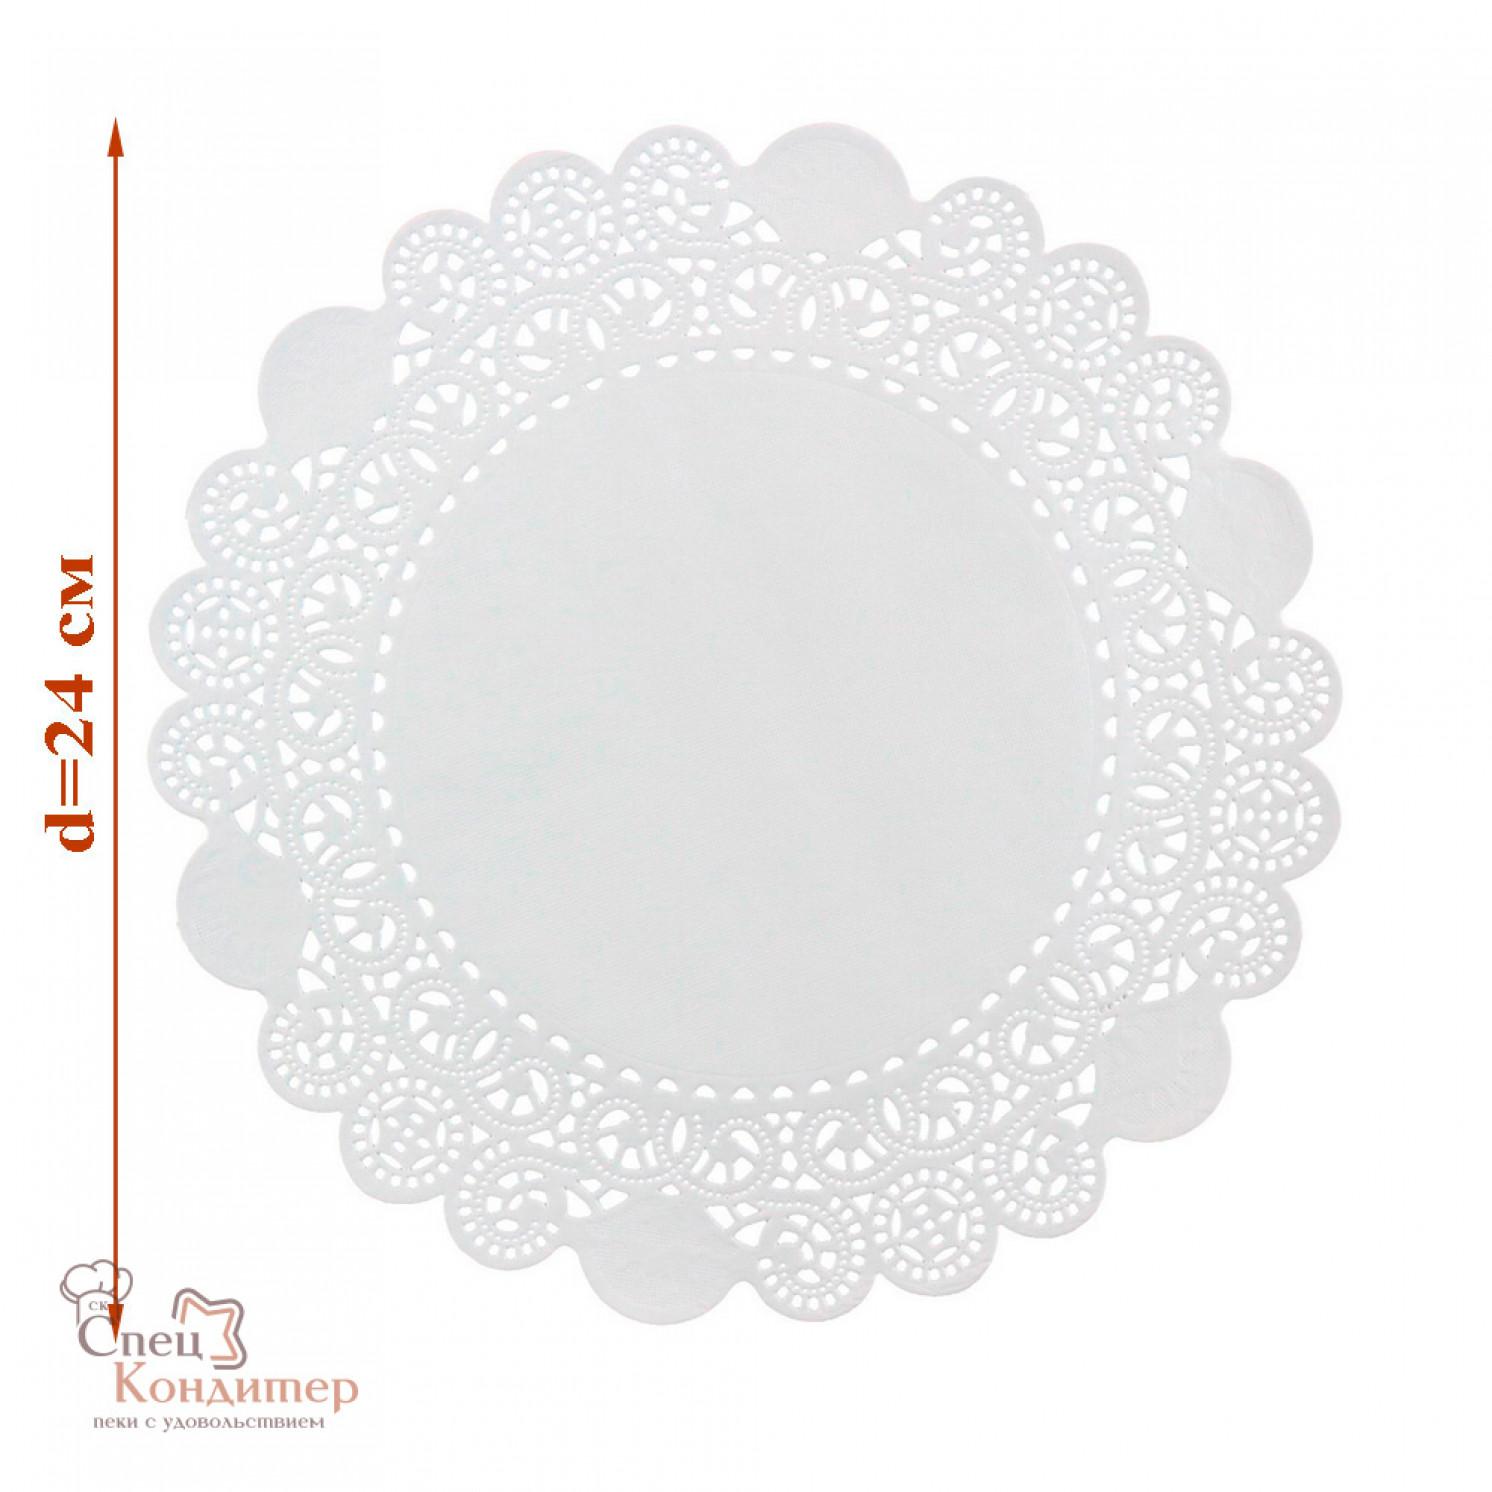 Ажурные салфетки для торта, бумажные, белые, d 24 см, 50 шт/уп